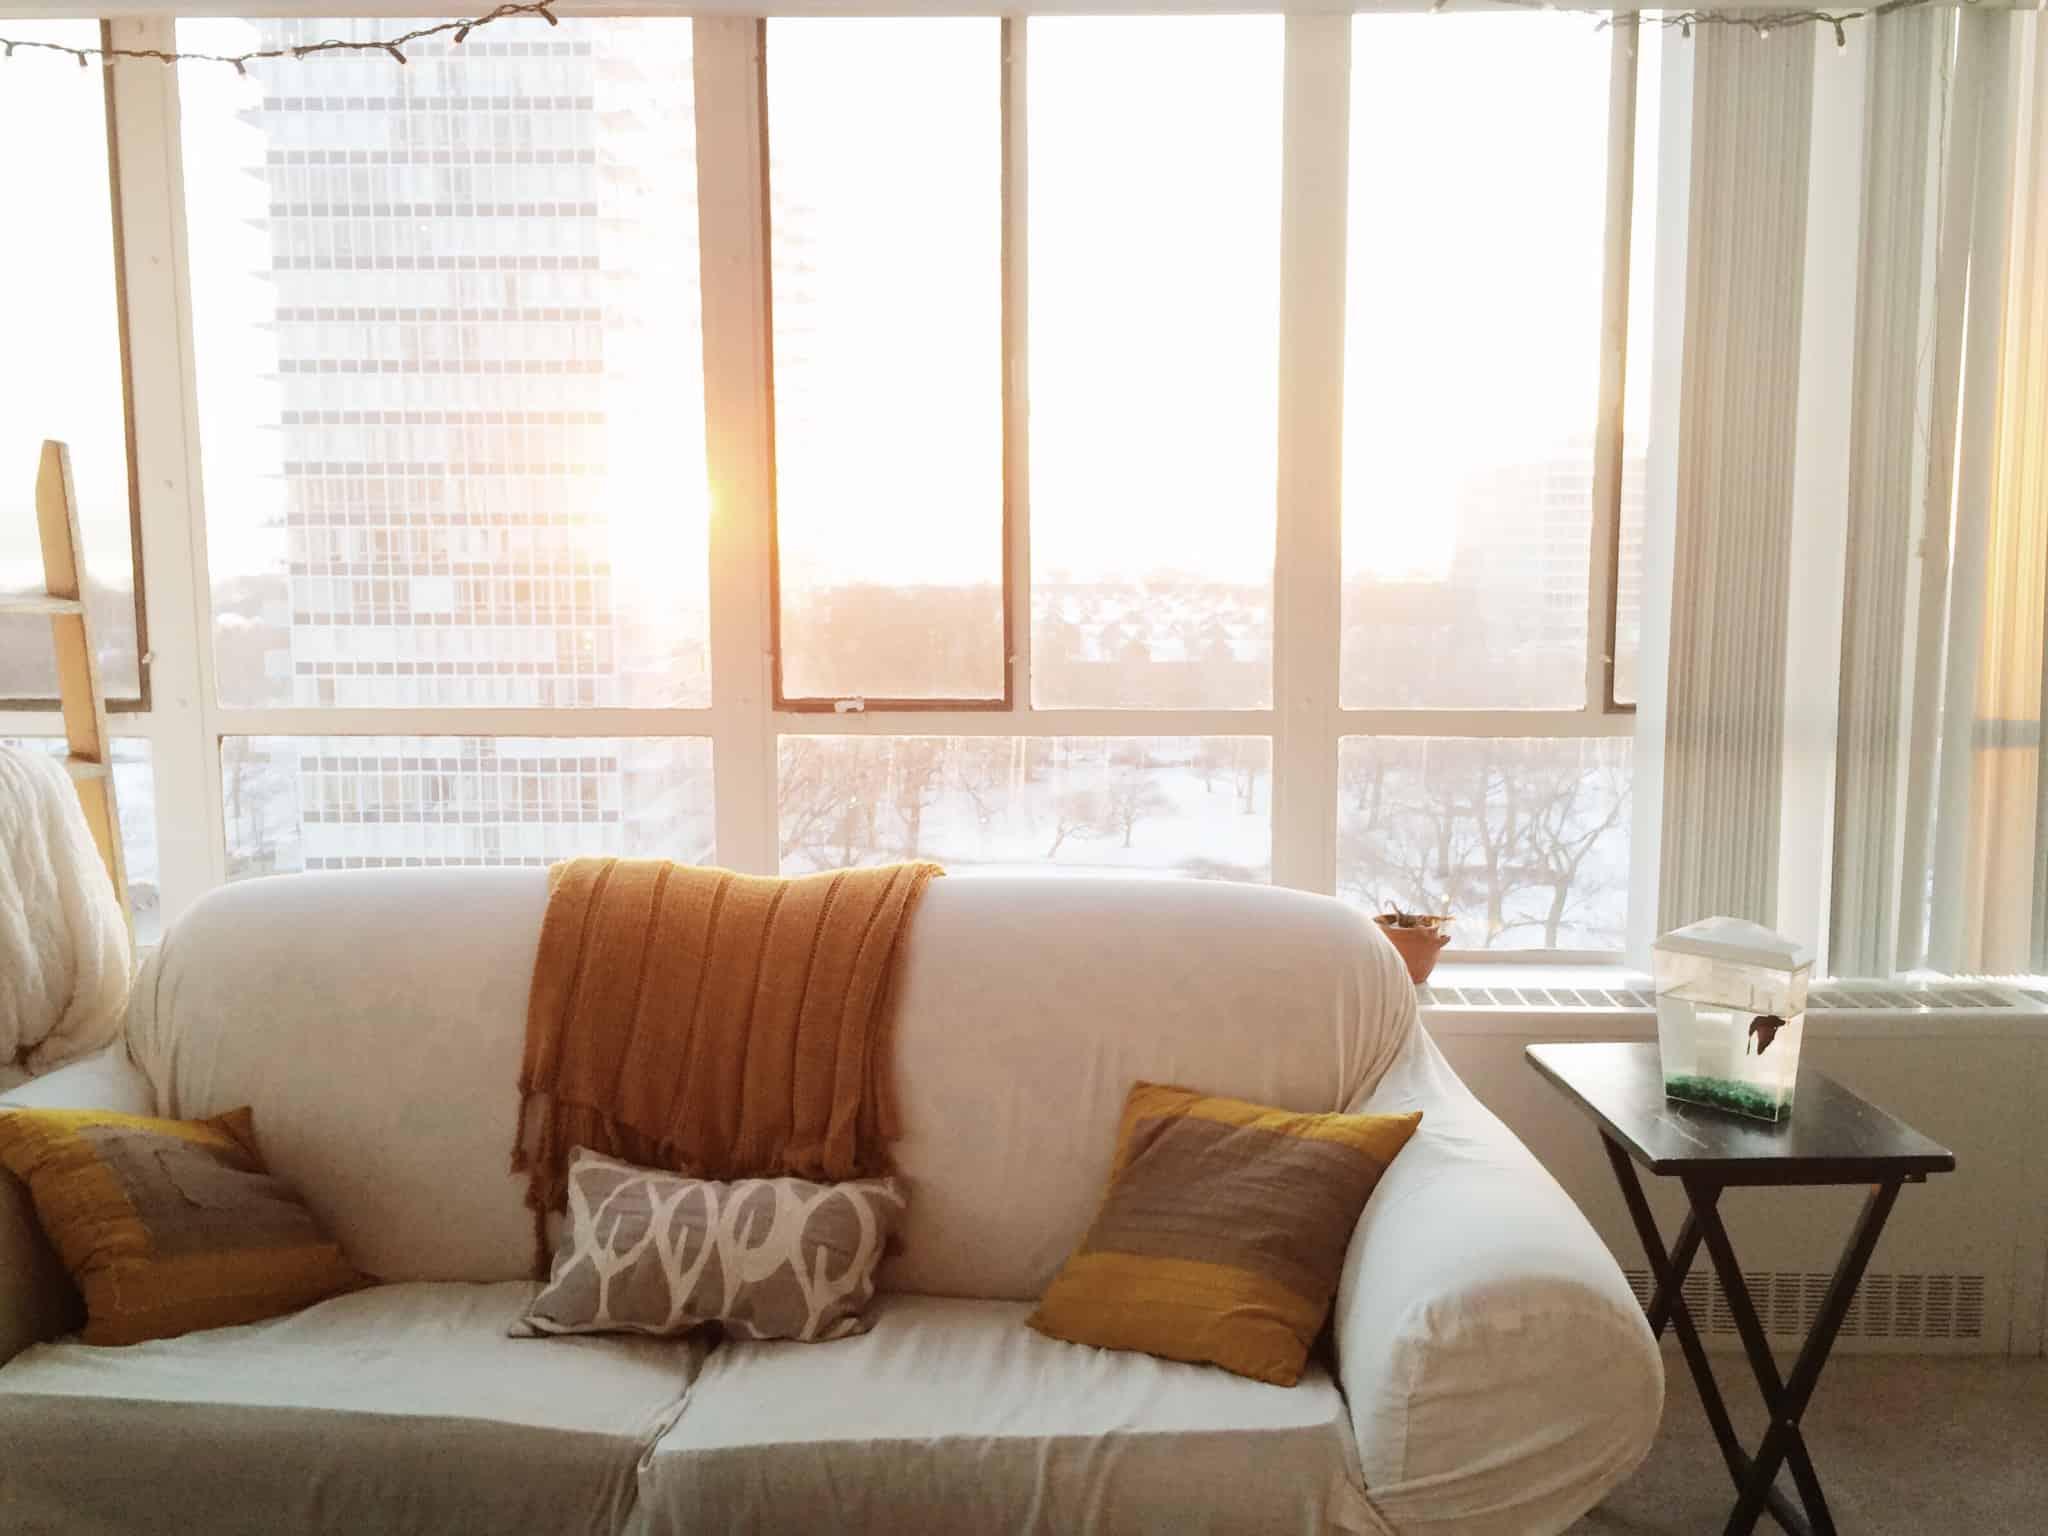 sofa branco encostado a uma janela